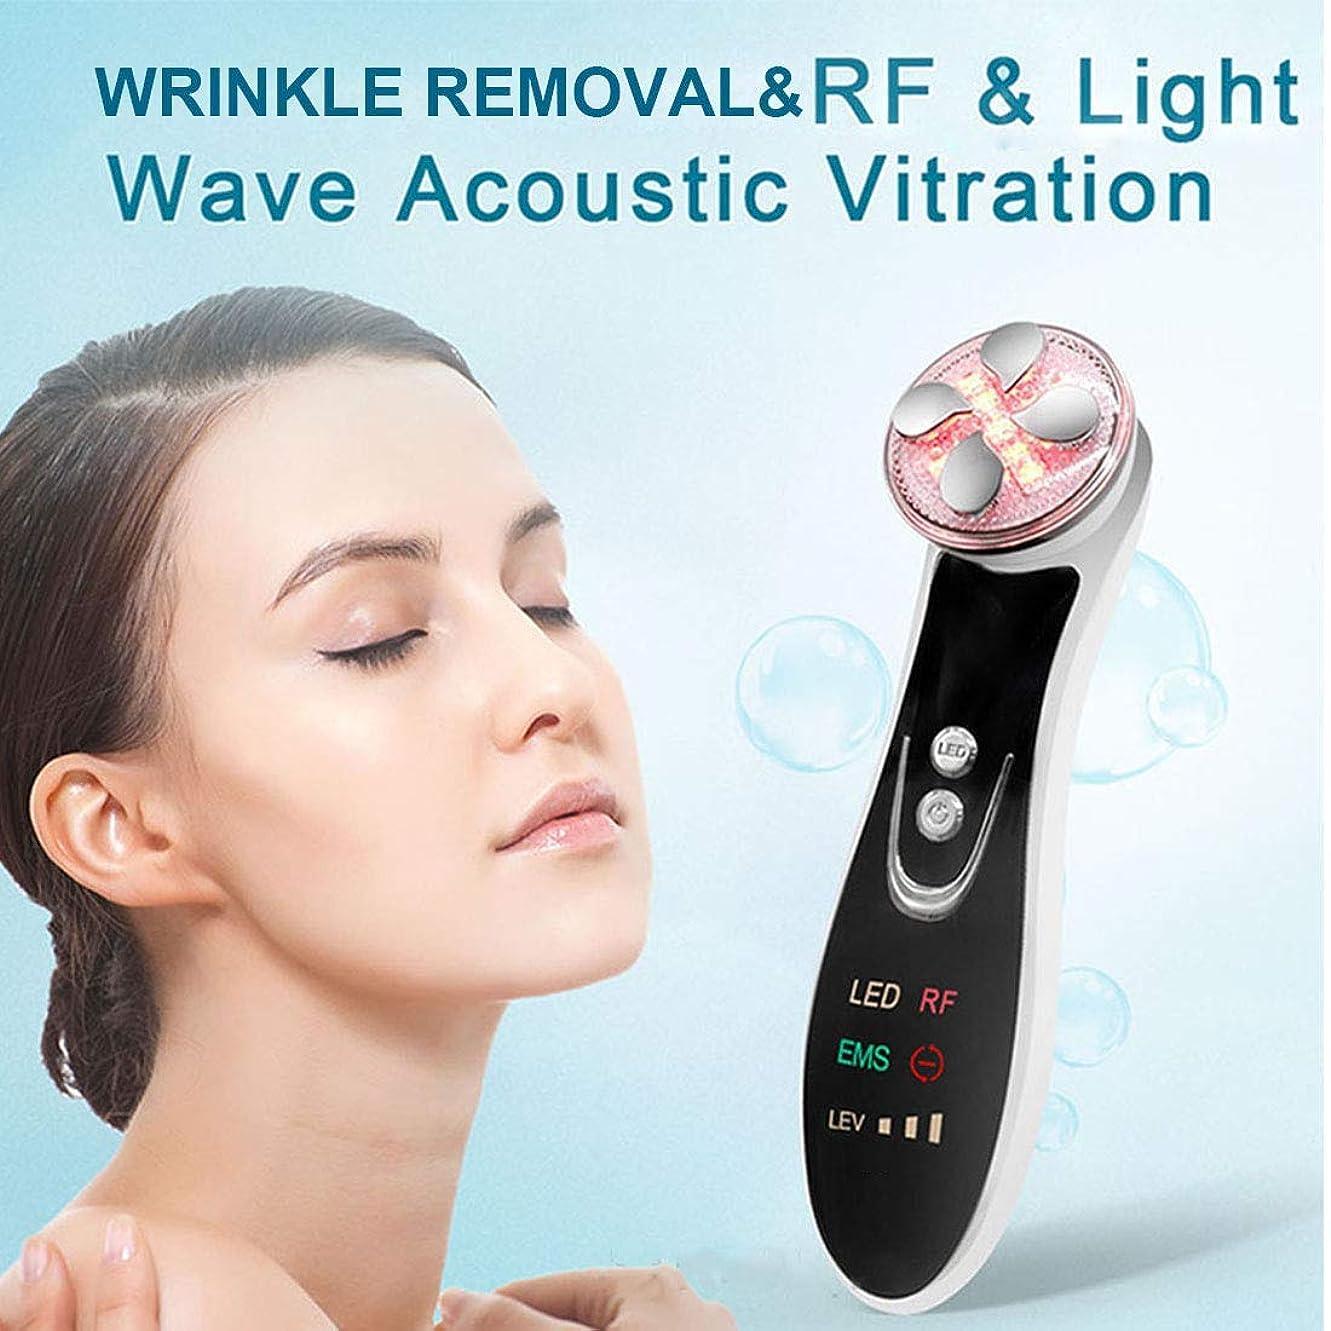 不利益バンド添付5色のLED光療法EMSのRFフェイス美容マッサージャーマシンフェイスリフトスキン締めのための